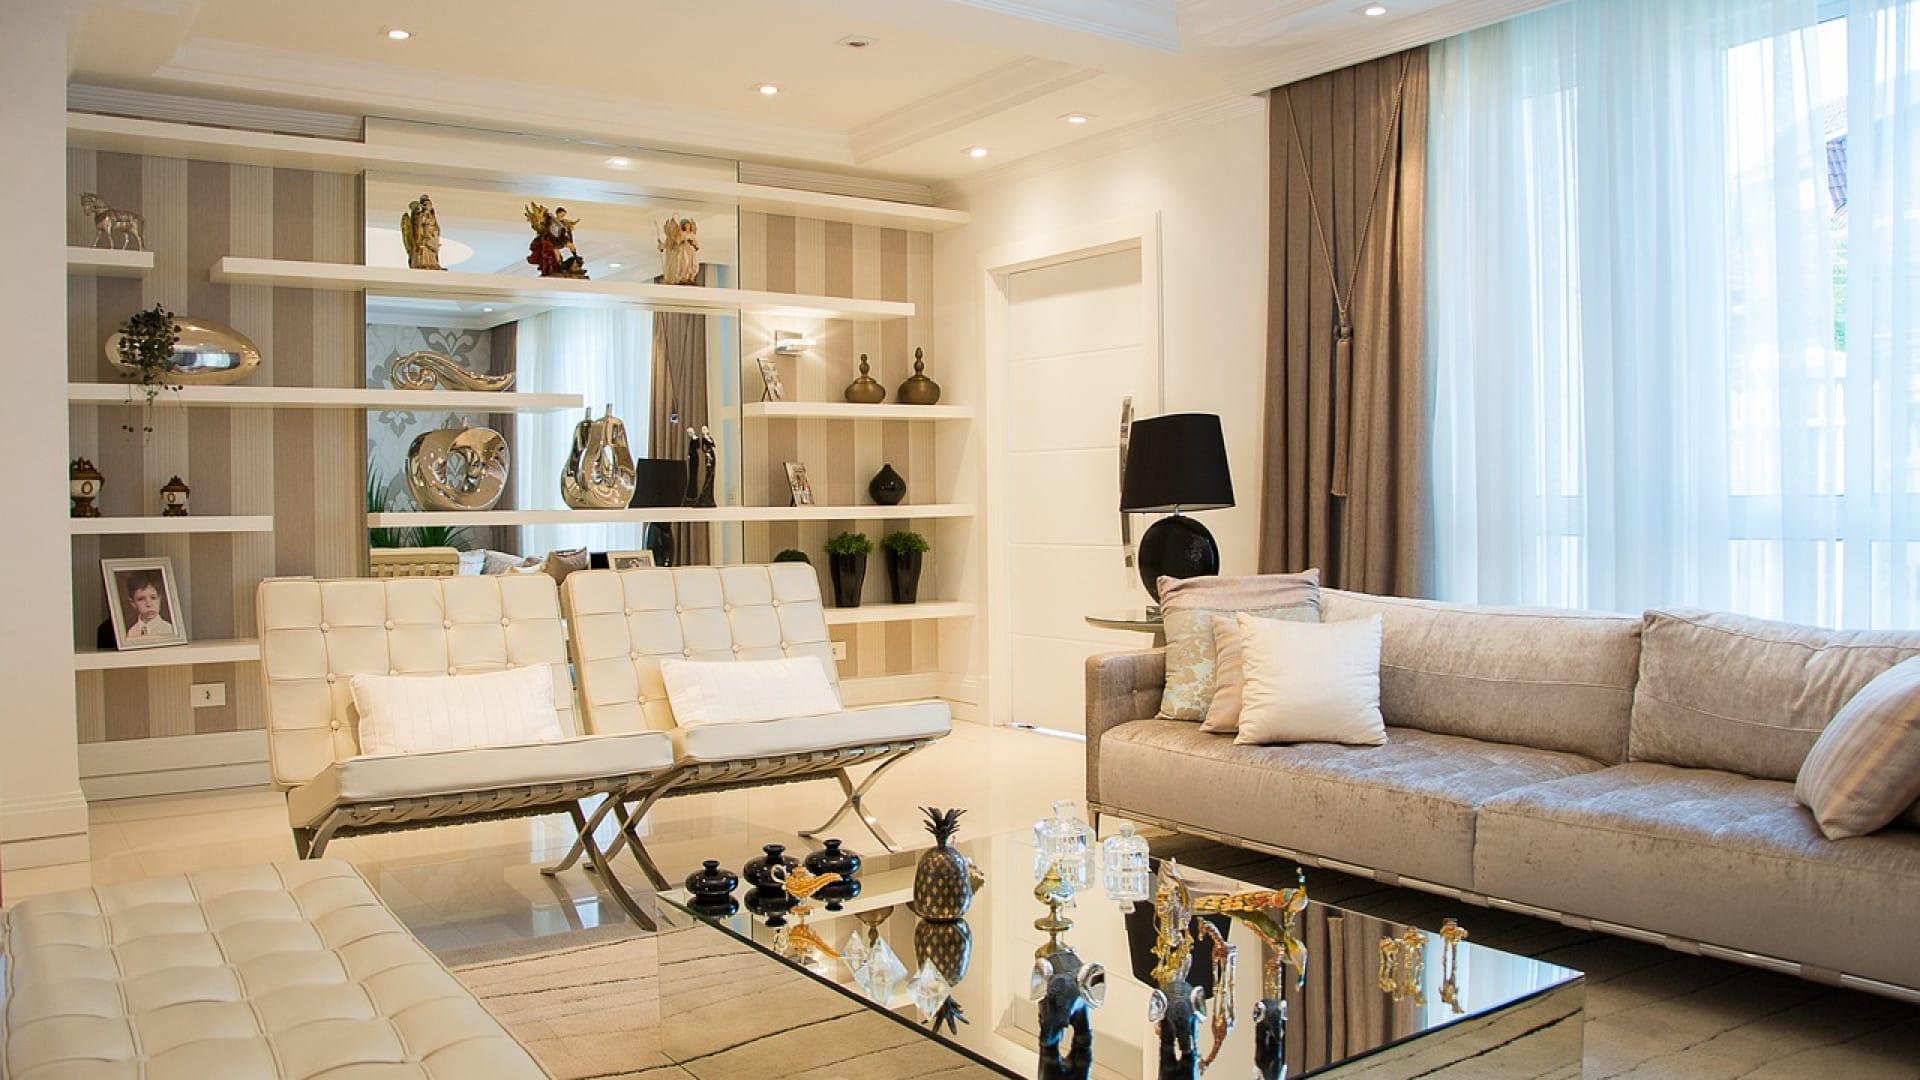 Une belle maison en Ille-et-Vilaine construite selon vos goûts